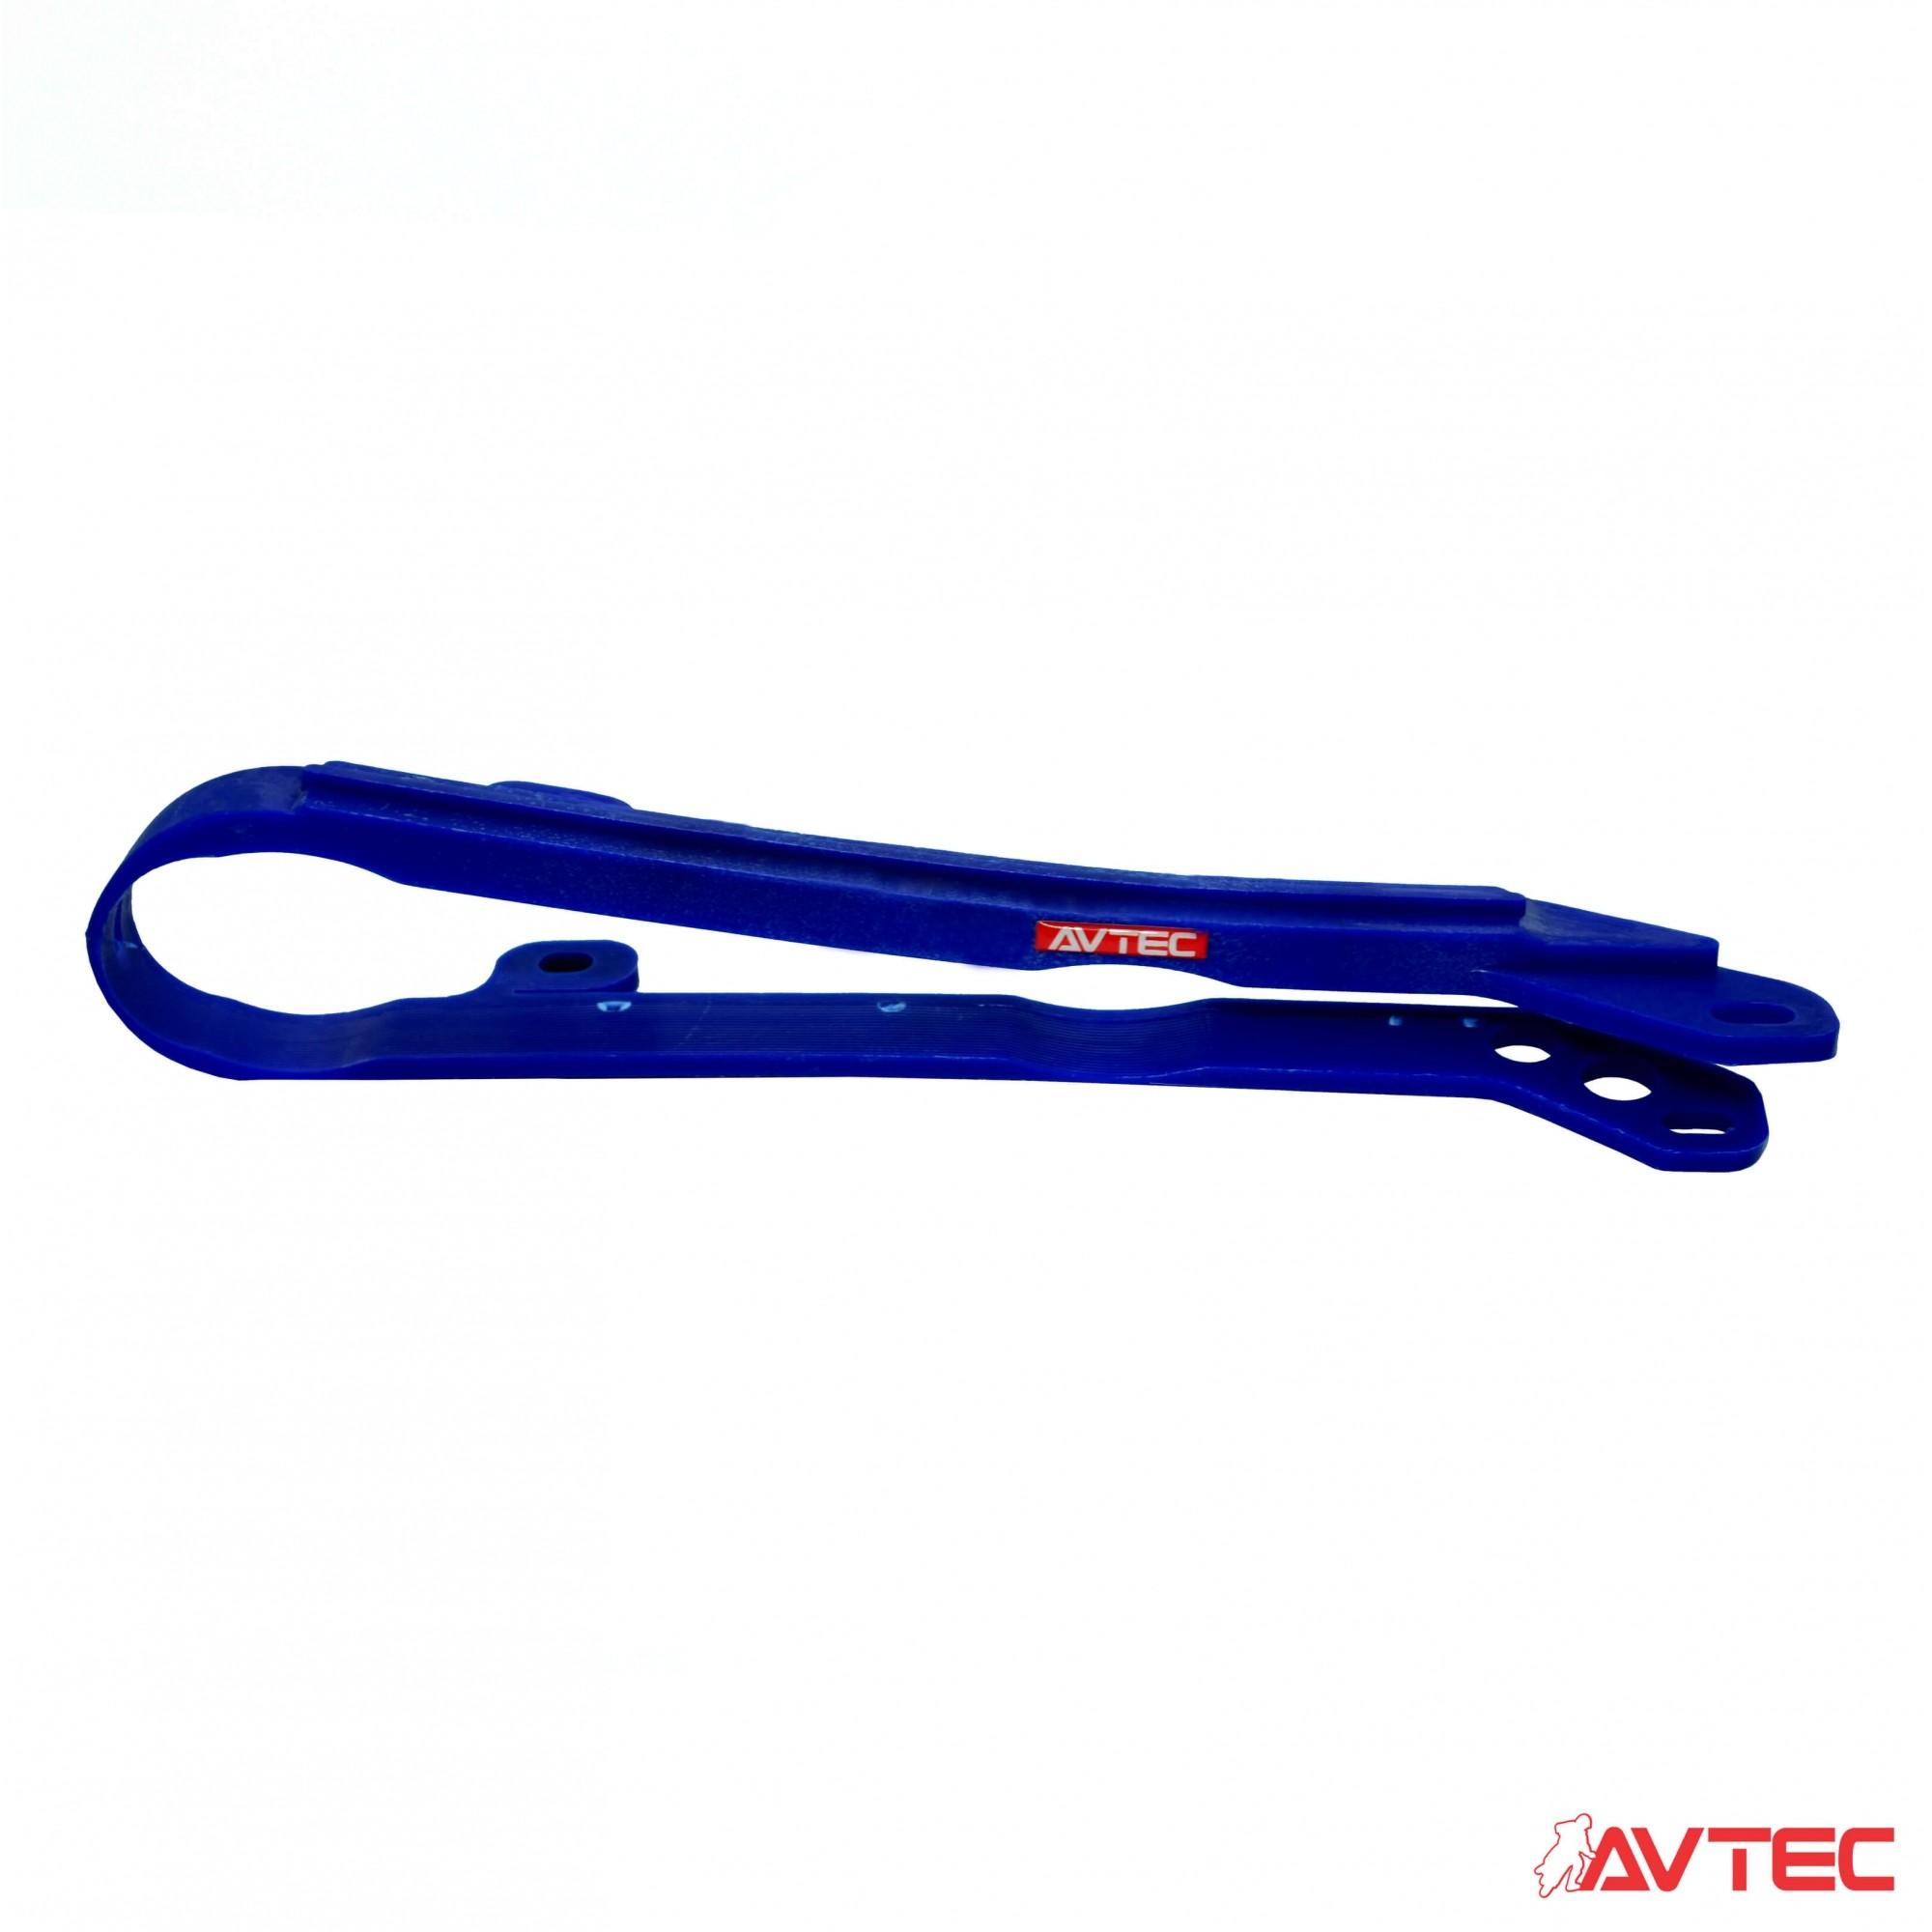 GUIA DESLIZANTE AVTEC YZF250/450 WRF250/450